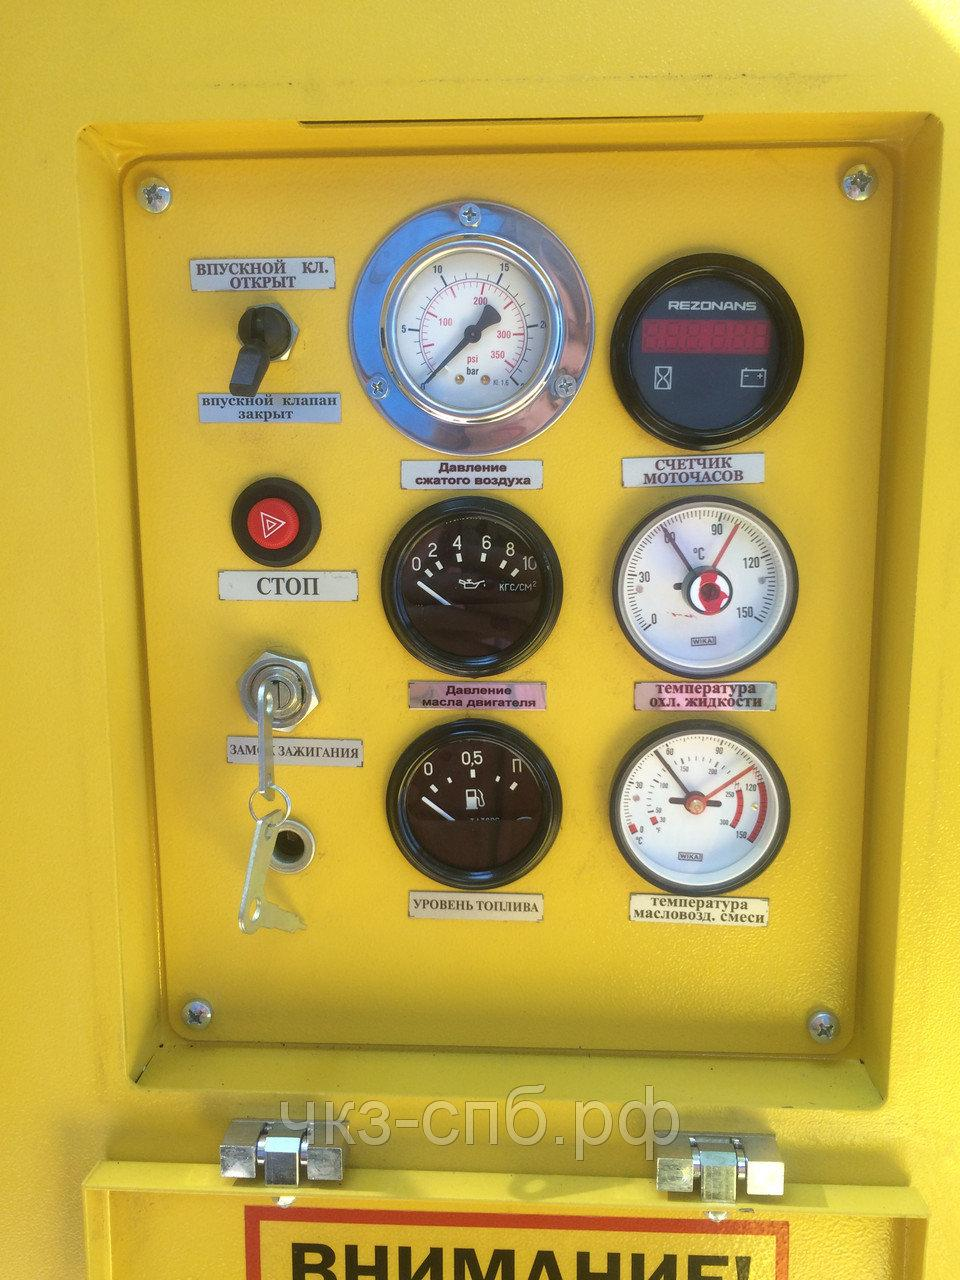 Панель управления Ehb 5170 12V MCflex-Chkz со встроенным манометром enb5170-MV